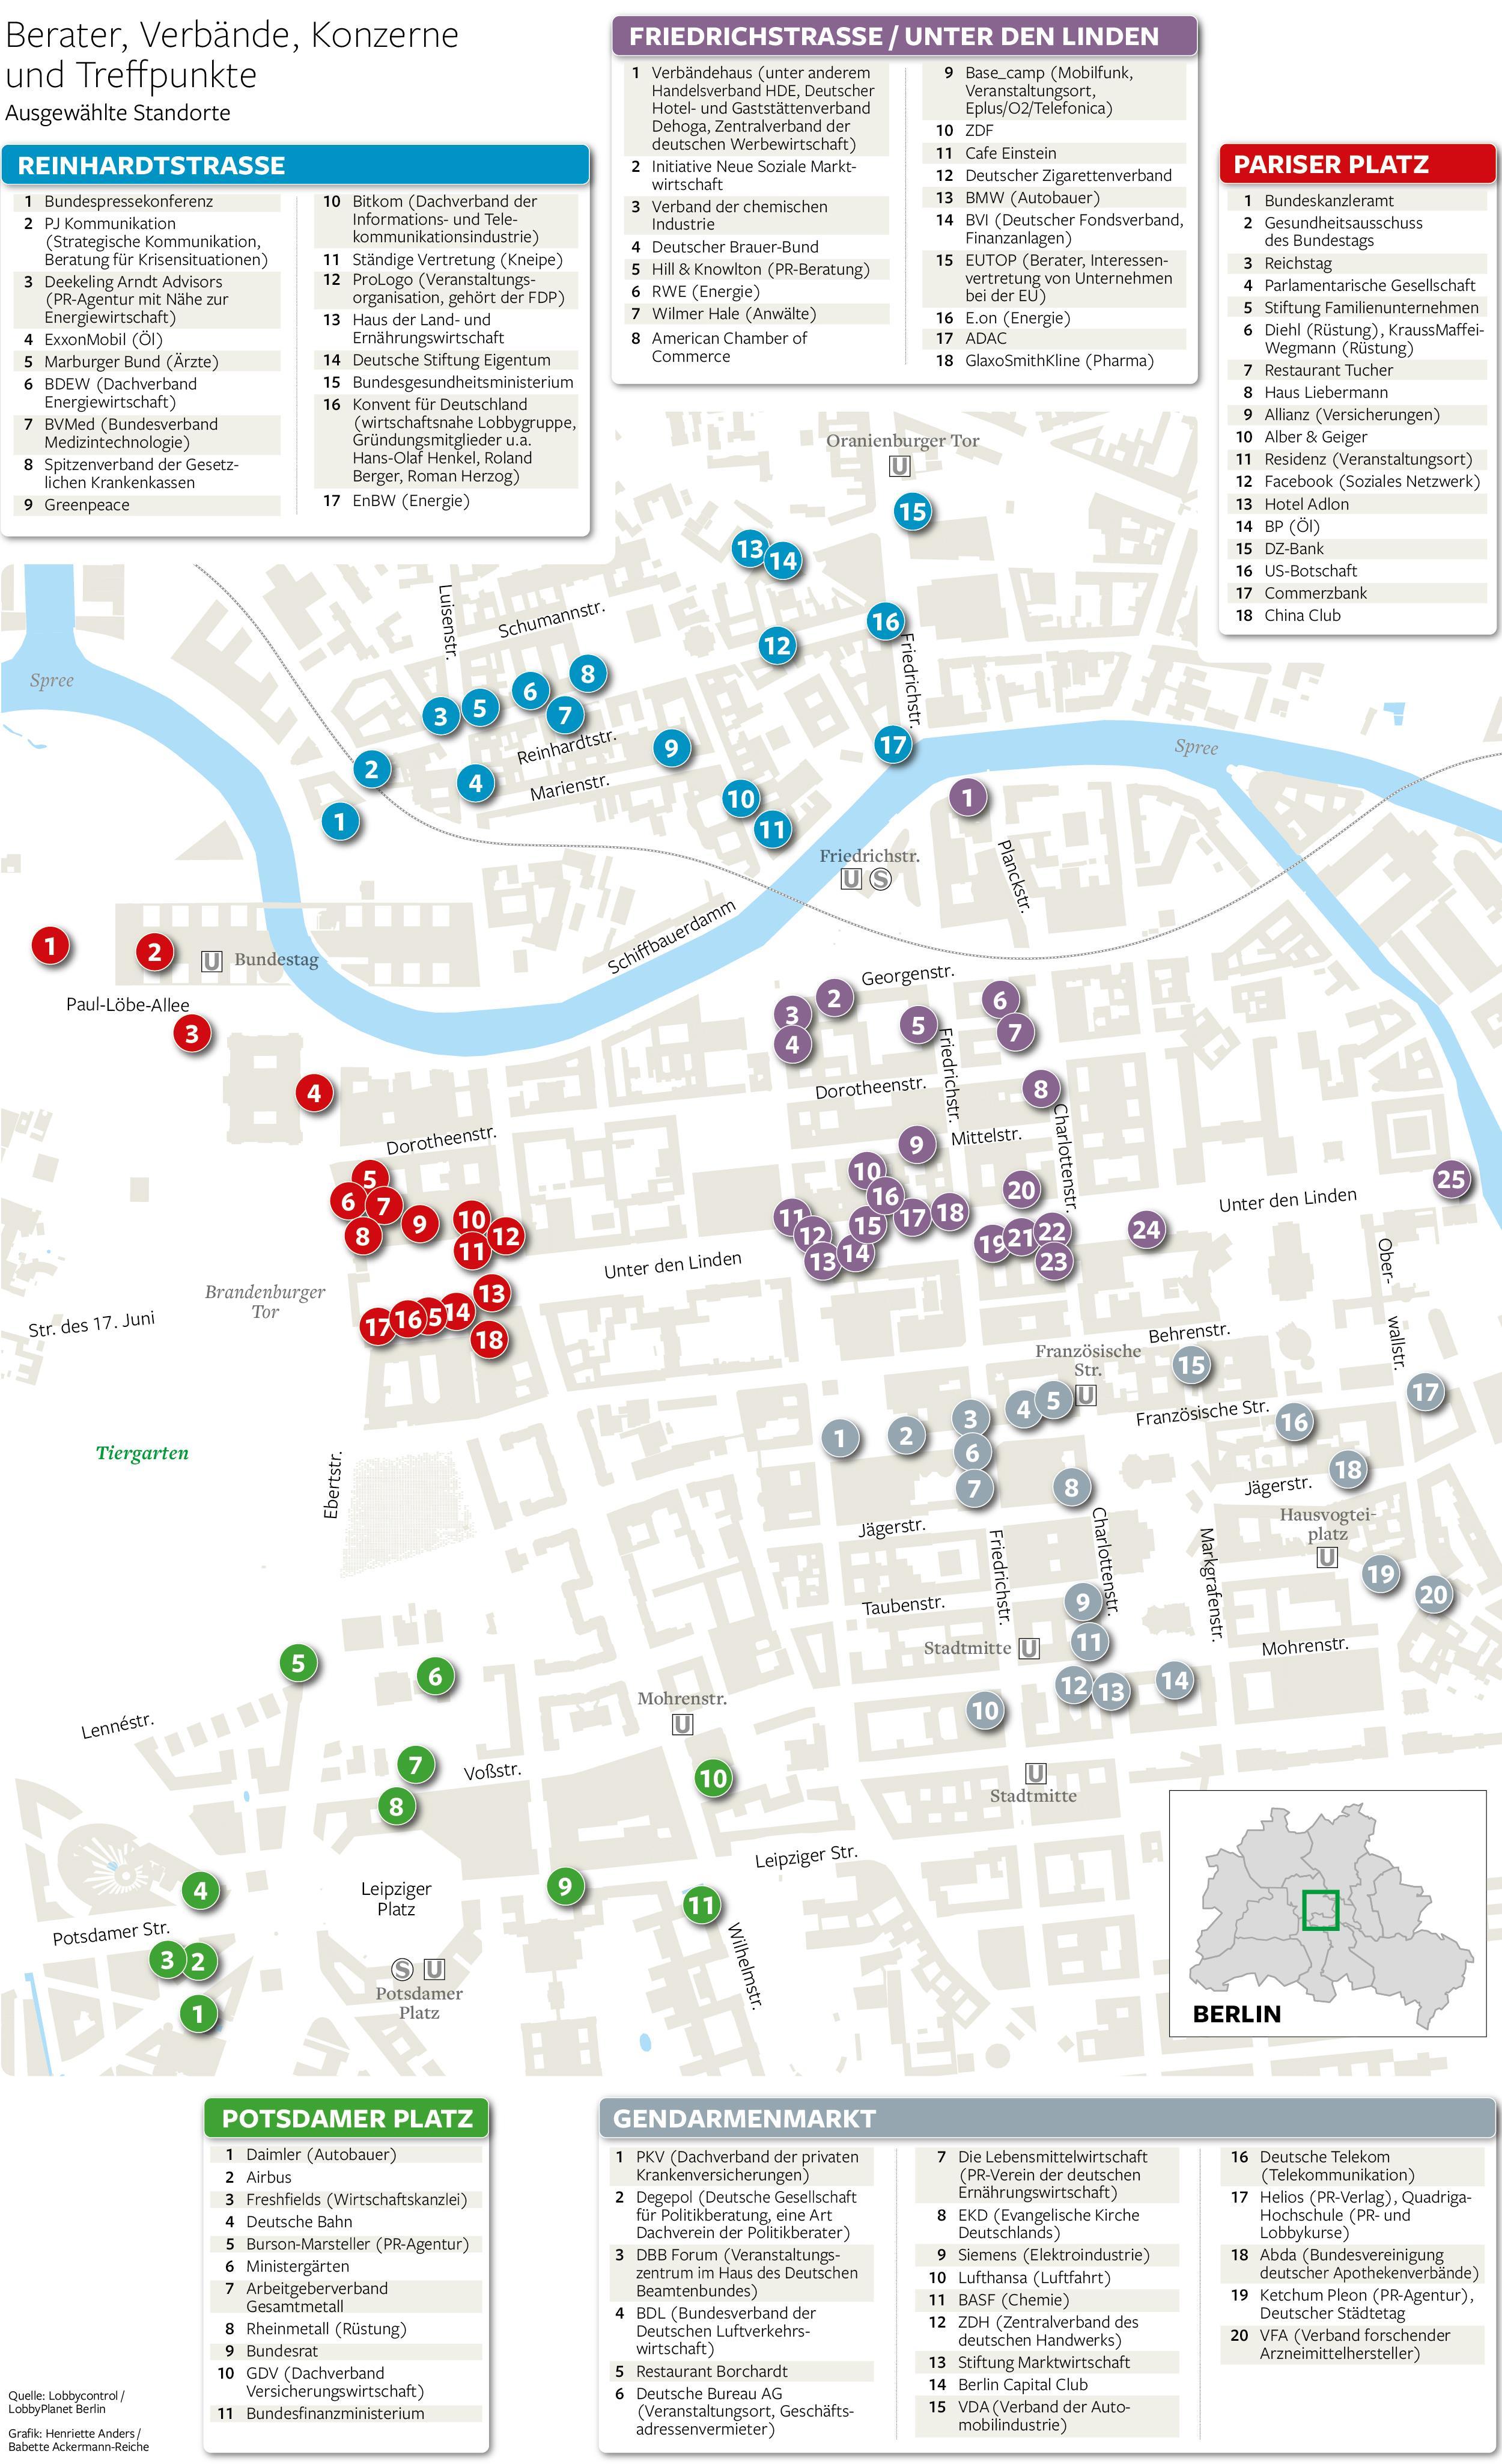 Standorte der Lobbyisten in Berlin